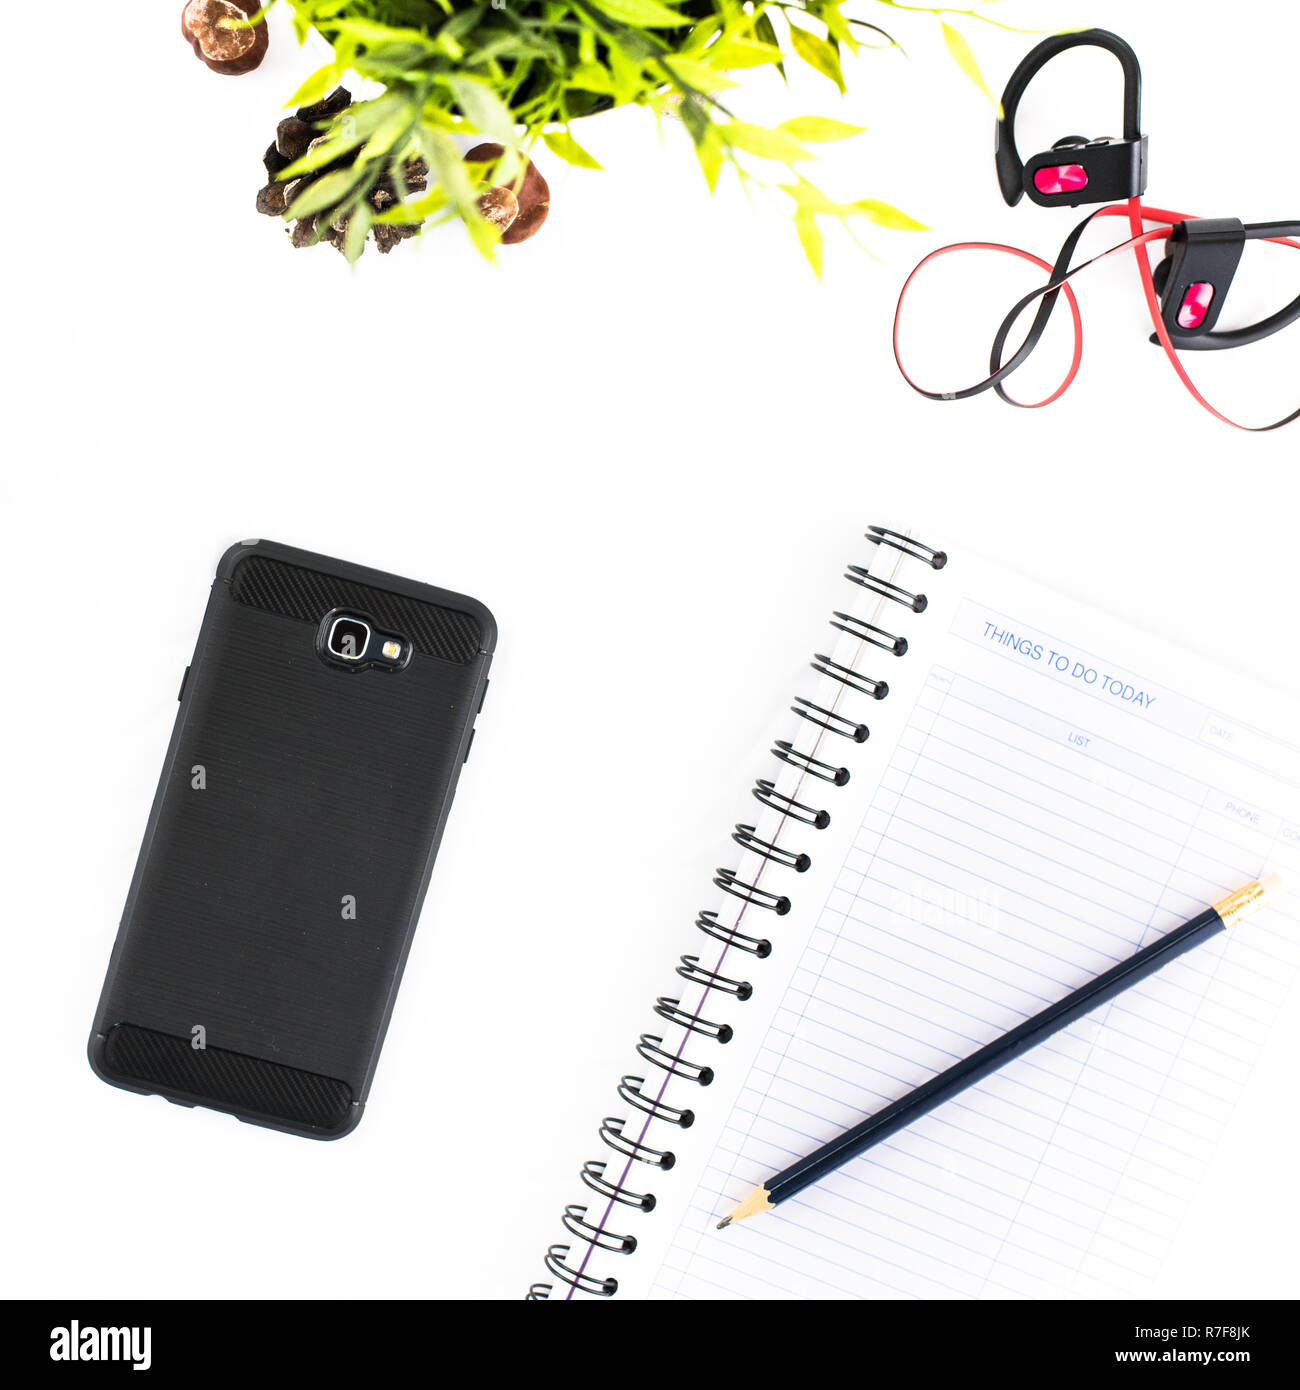 Maquette de téléphone cellulaire sur fond blanc avec des écouteurs, bloc- notes et crayon 0ef4bc0a928d